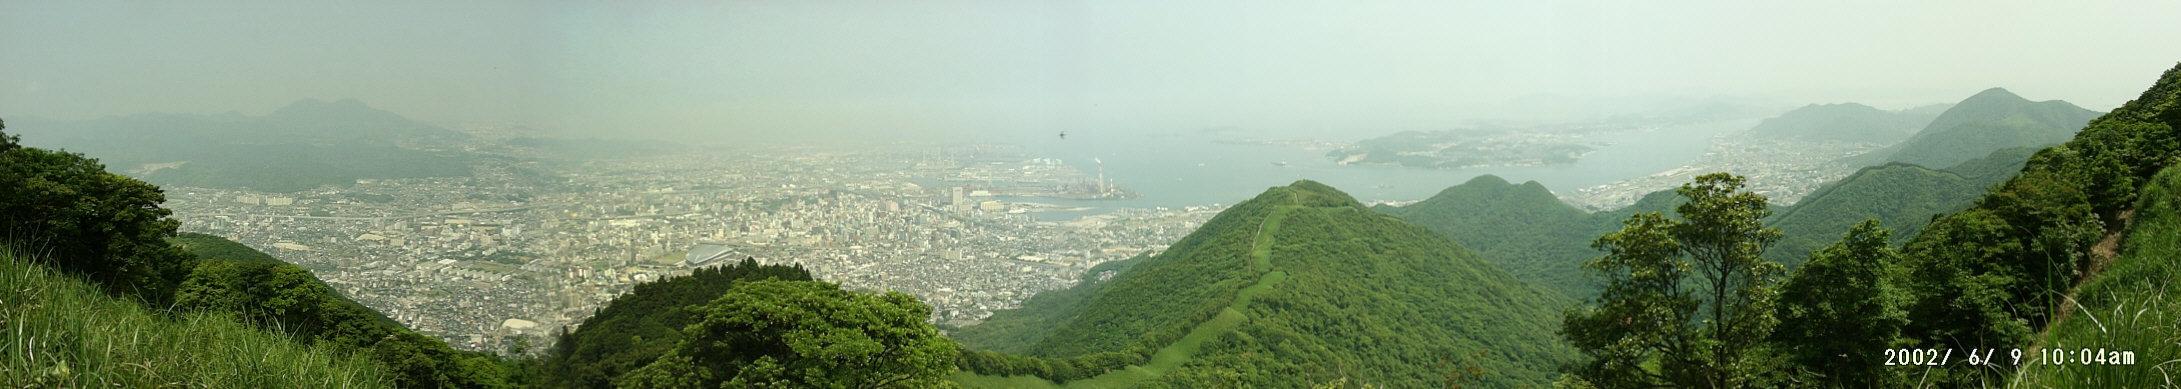 足立山から望む北九州市街